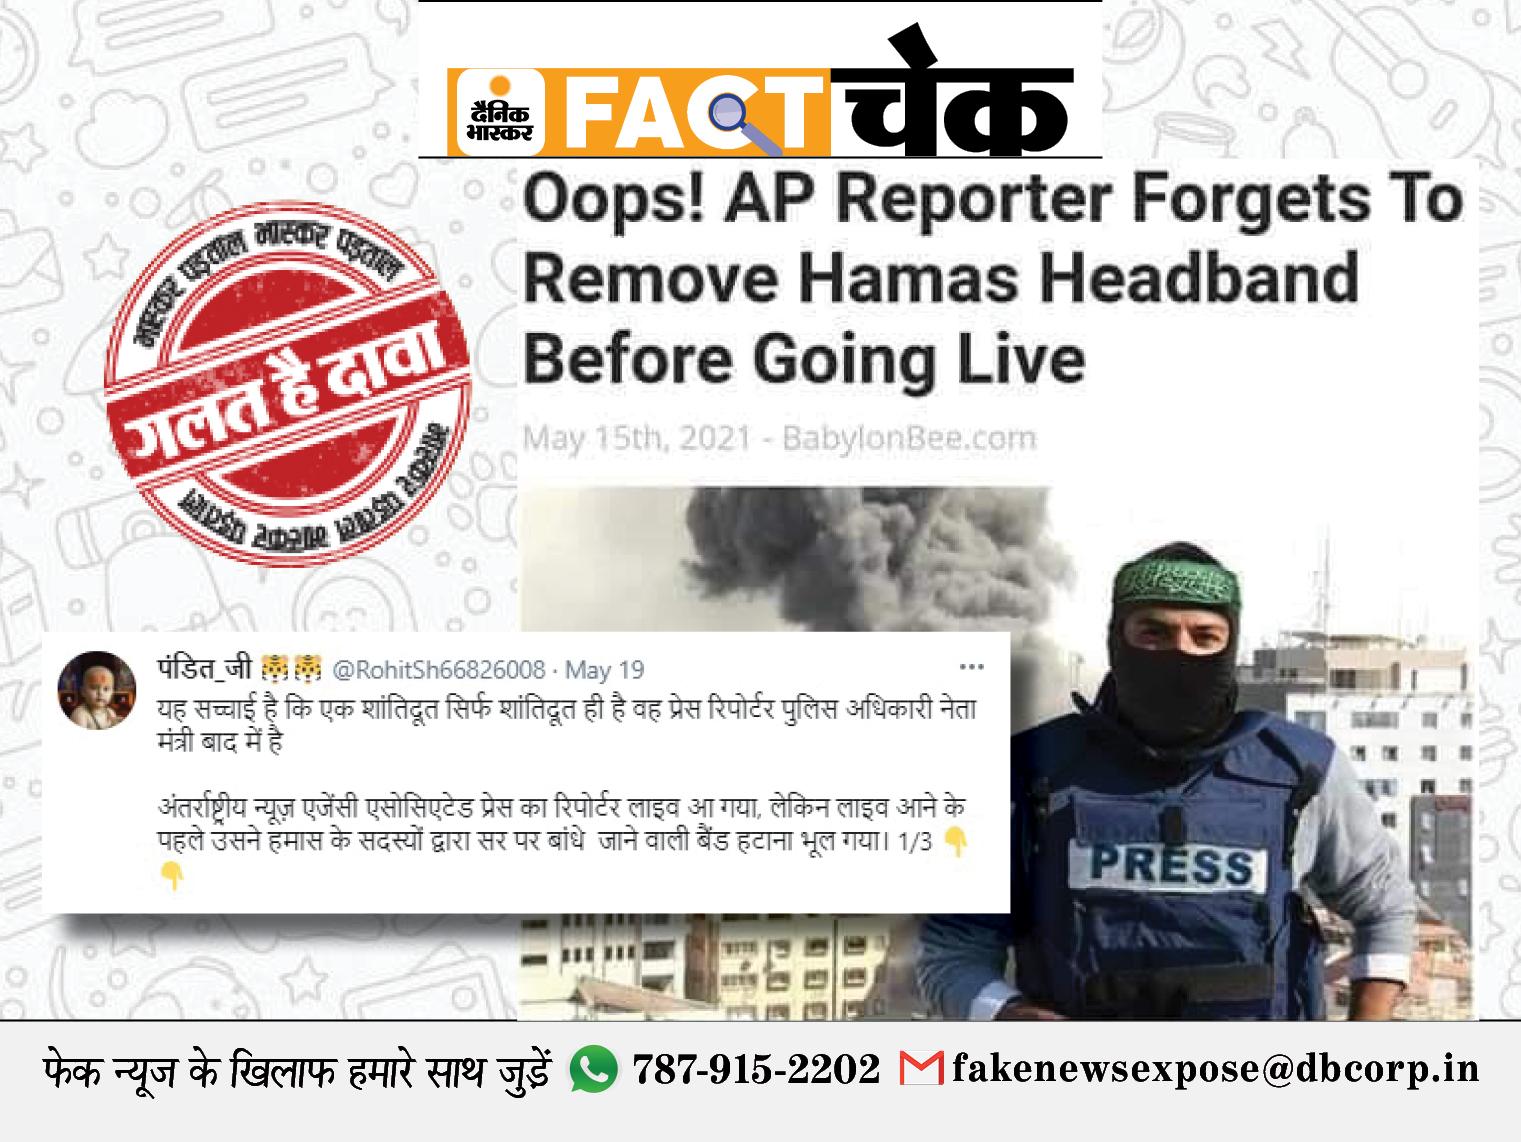 एपी प्रेस रिपोर्टर ने गाजा में रिपोर्टिंग के दौरान पहना हमास का सर पर बांधने वाला बैंड? जानिए इस वायरल पोस्ट का सच फेक न्यूज़ एक्सपोज़,Fake News Expose - Dainik Bhaskar